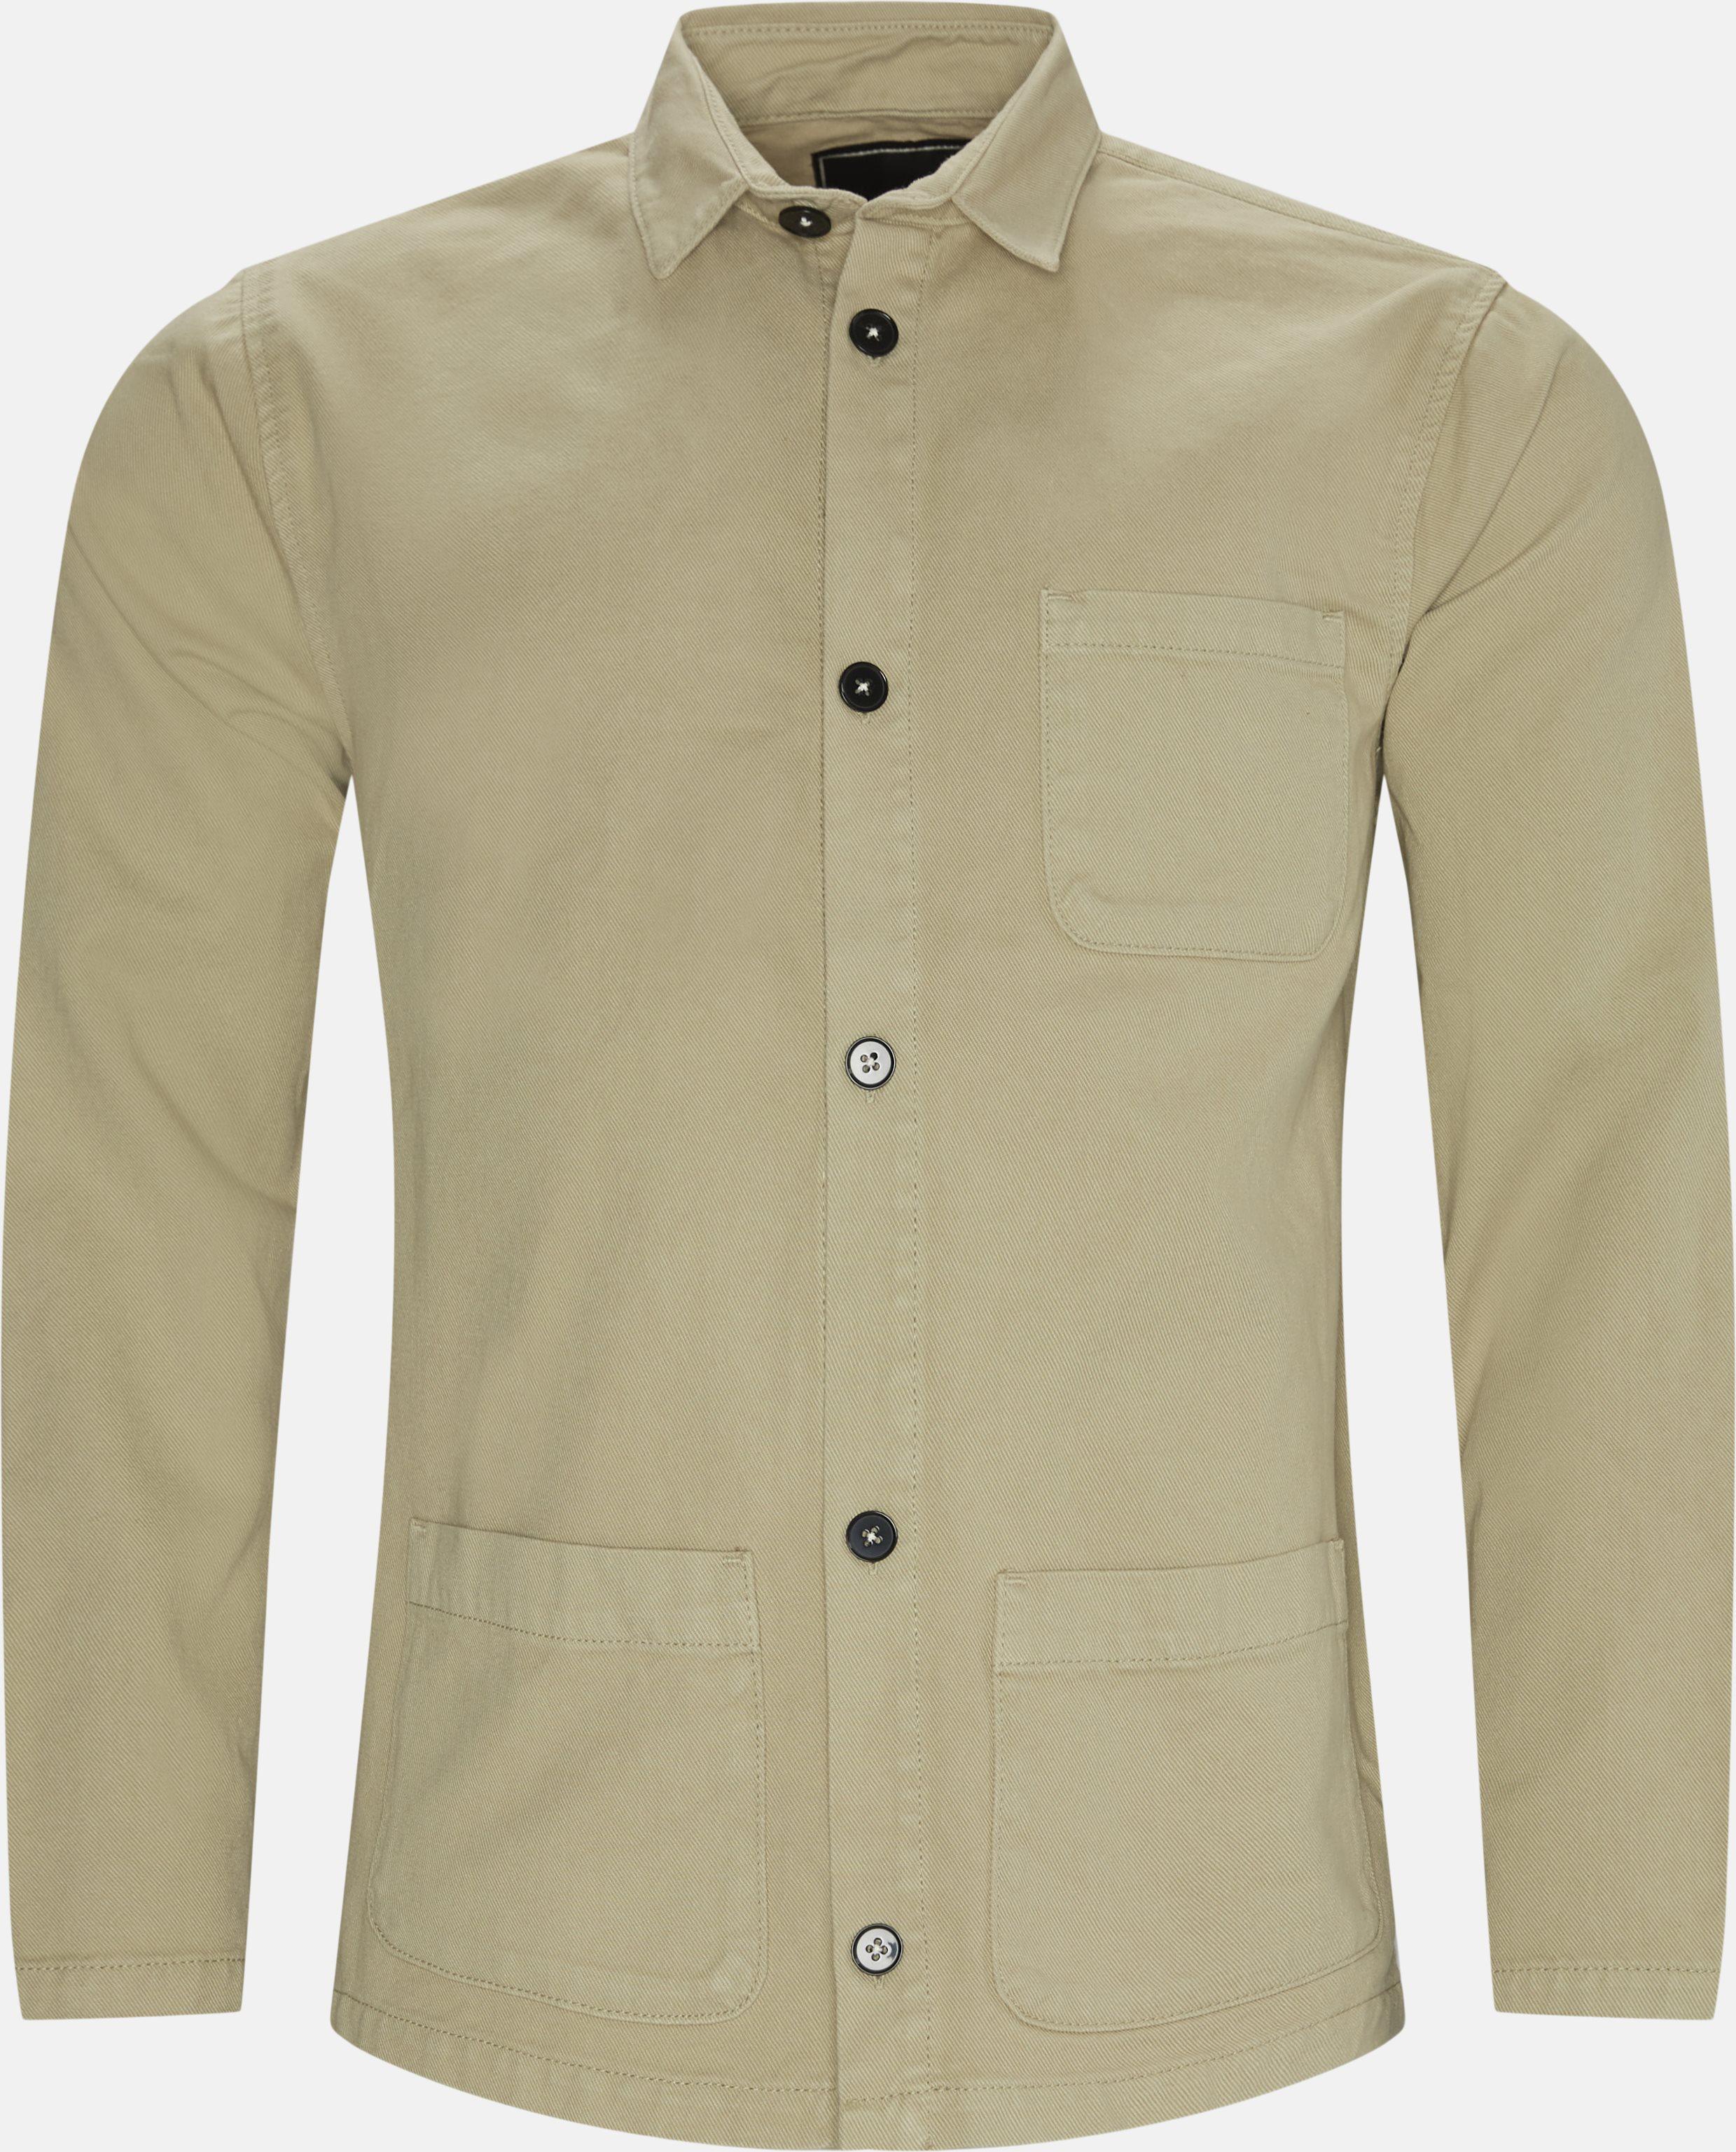 Overshirt  - Skjorter - Regular - Sand